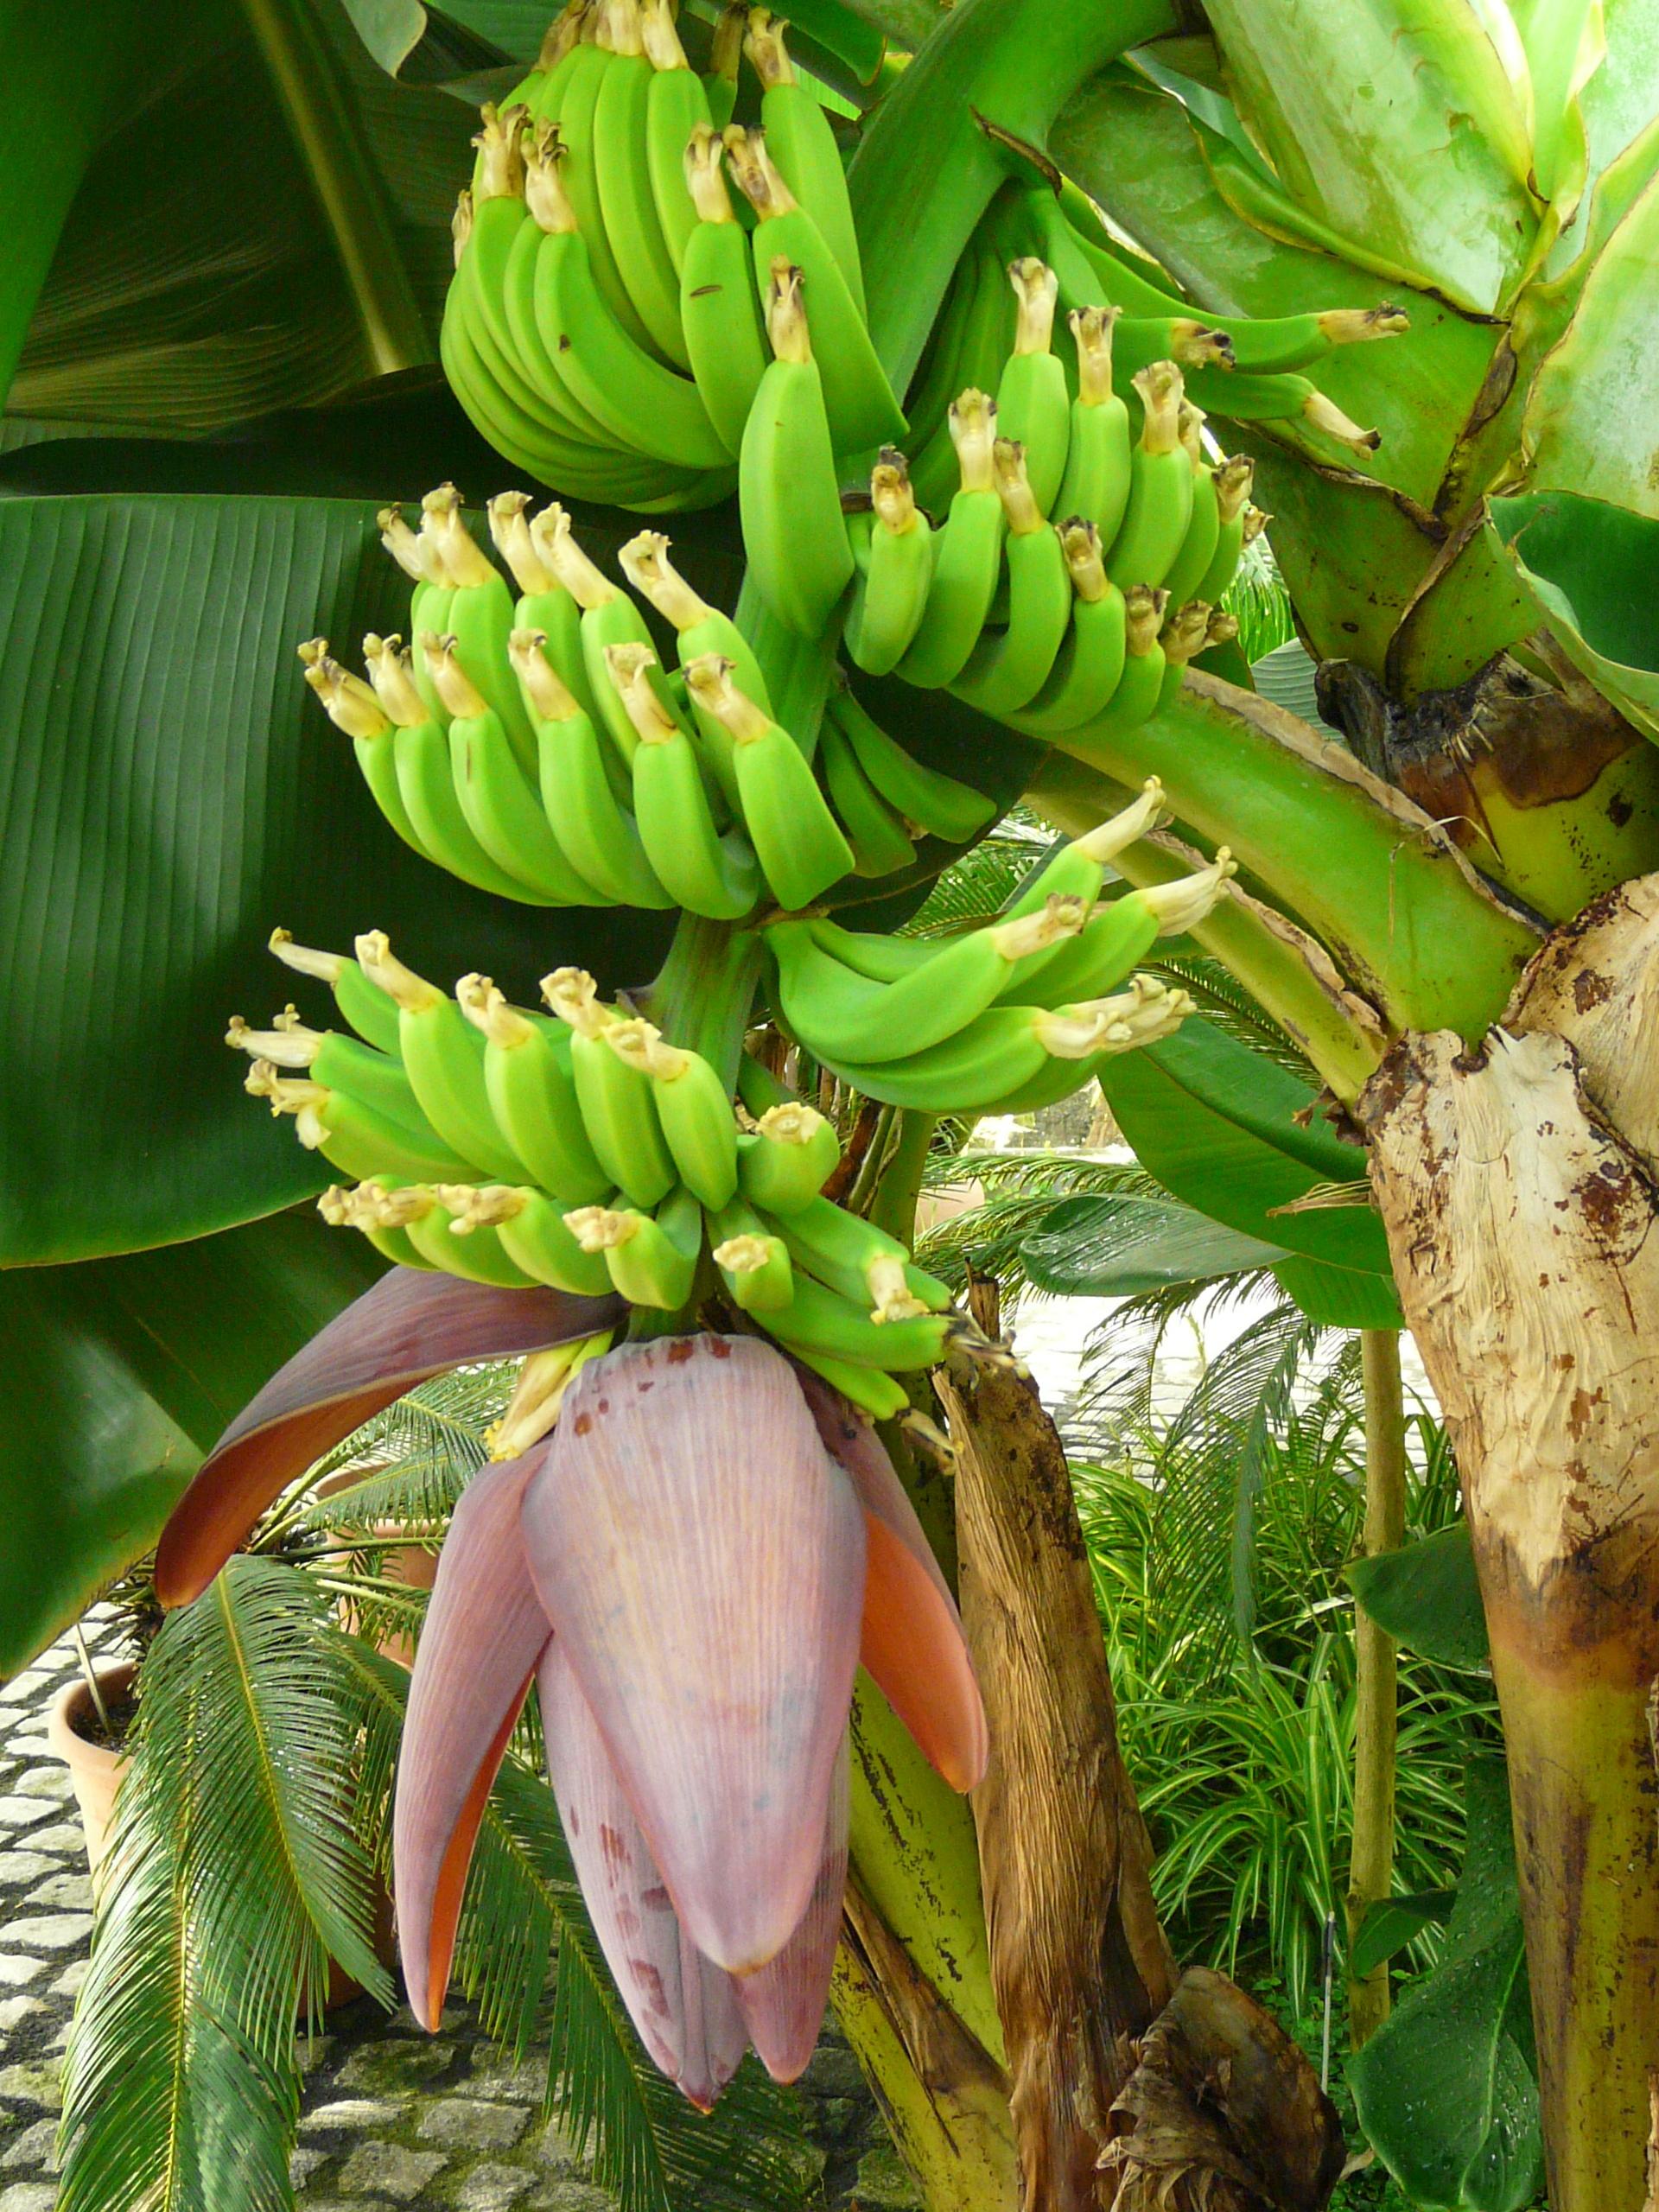 http://www.botanischer-garten-wuppertal.de/assets/plugindata/w2dblgd2d4b94b285c71b727911f884074a6c0/pic1297071294.jpg